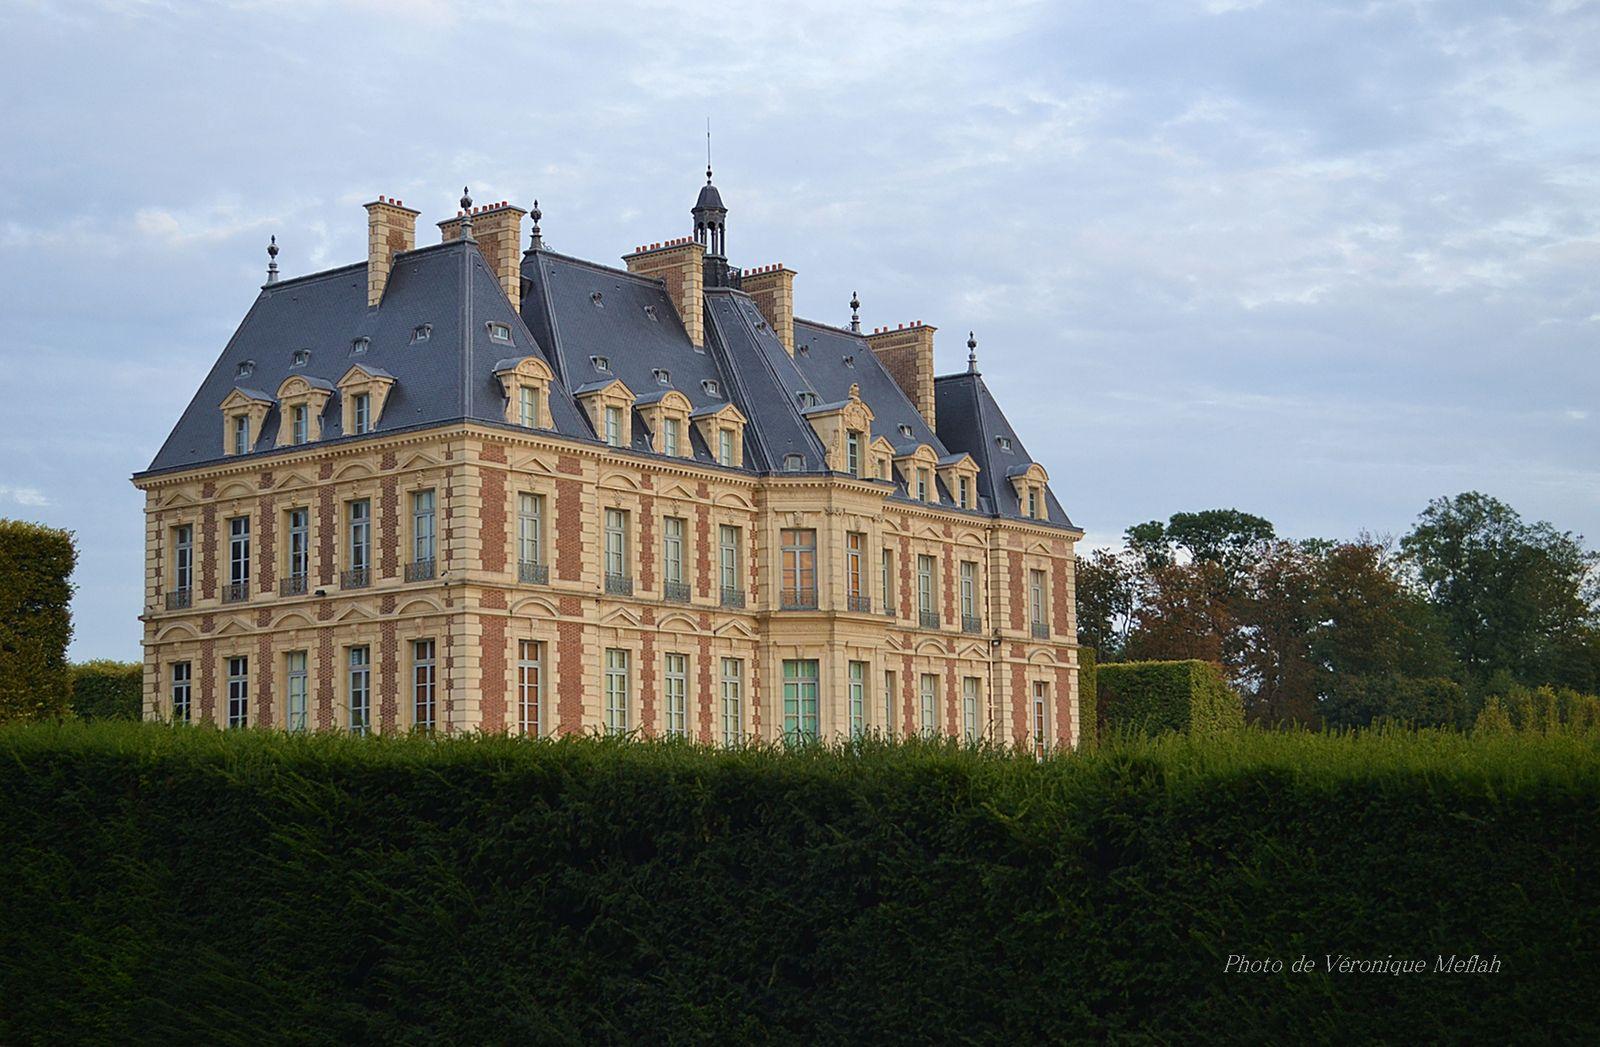 En 1682, un an avant sa mort, Colbert fait l'acquisition de « la Maison rouge », une propriété attenante au domaine, au sud de l'église. La bâtisse devient la résidence des hôtes du grand château et par opposition prend le nom de « Petit Château ».